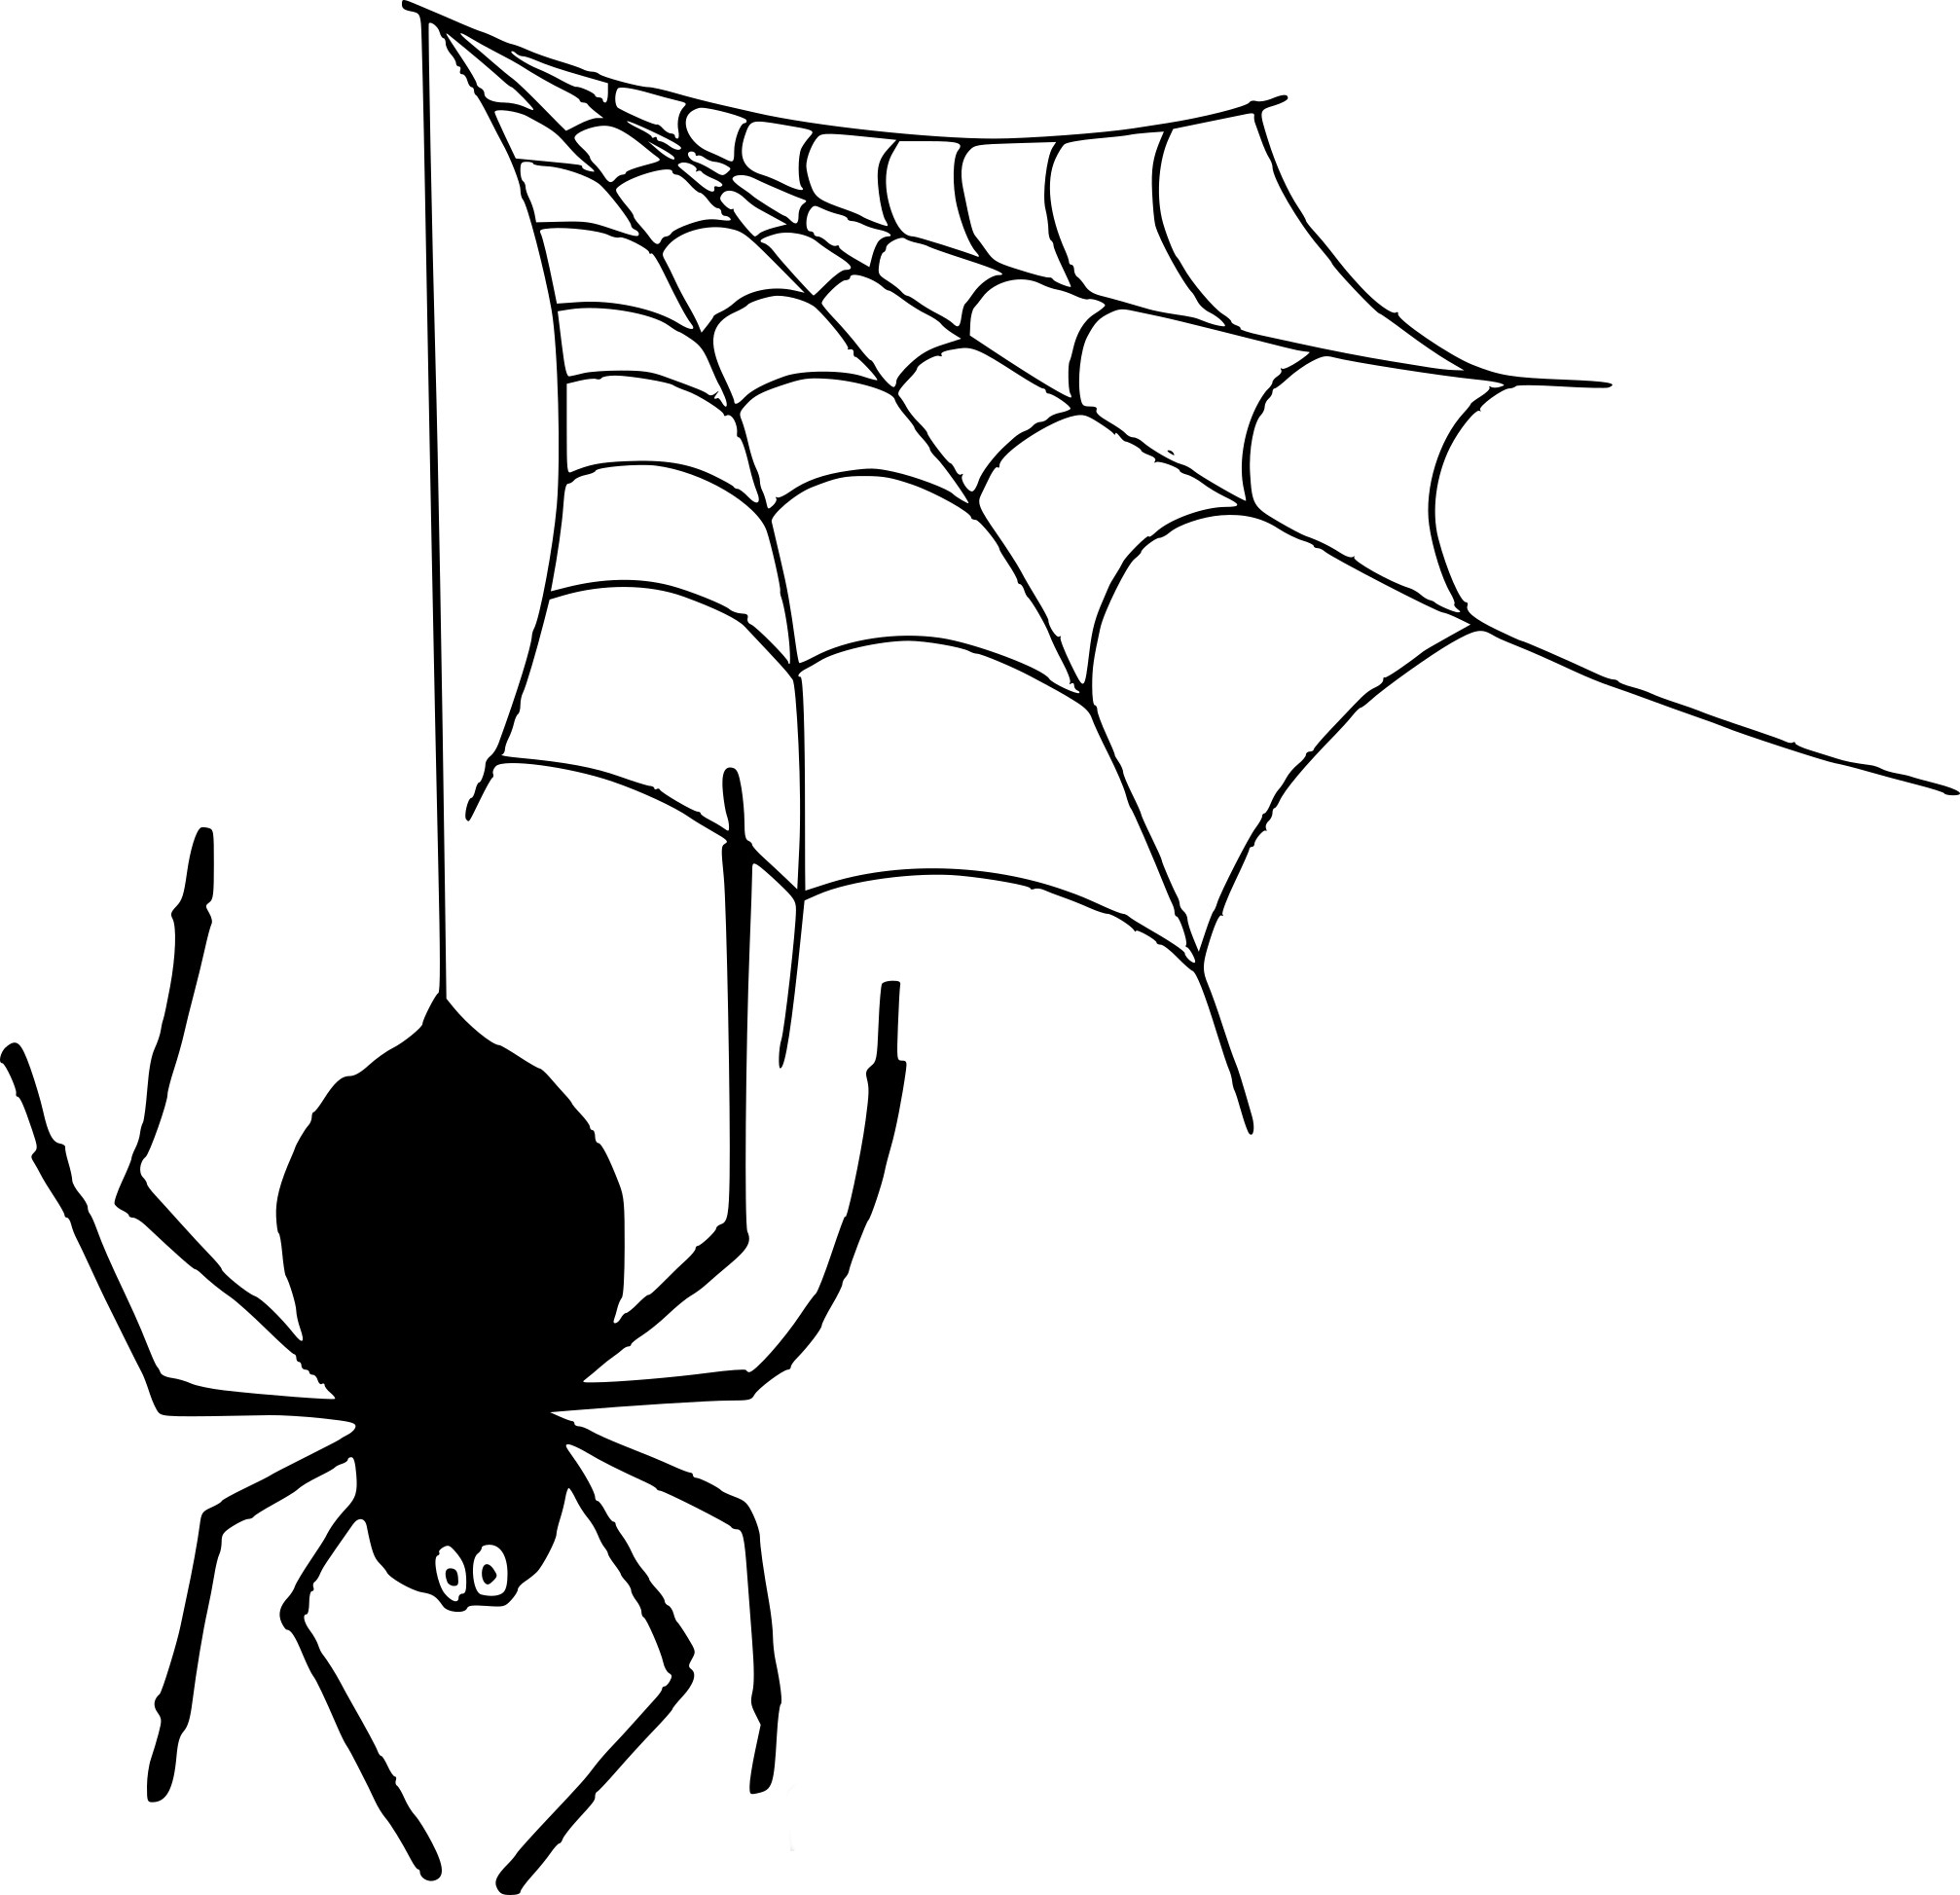 Coloriage Araignée Toile À Imprimer Sur Coloriages intérieur Toile D Araignée Dessin